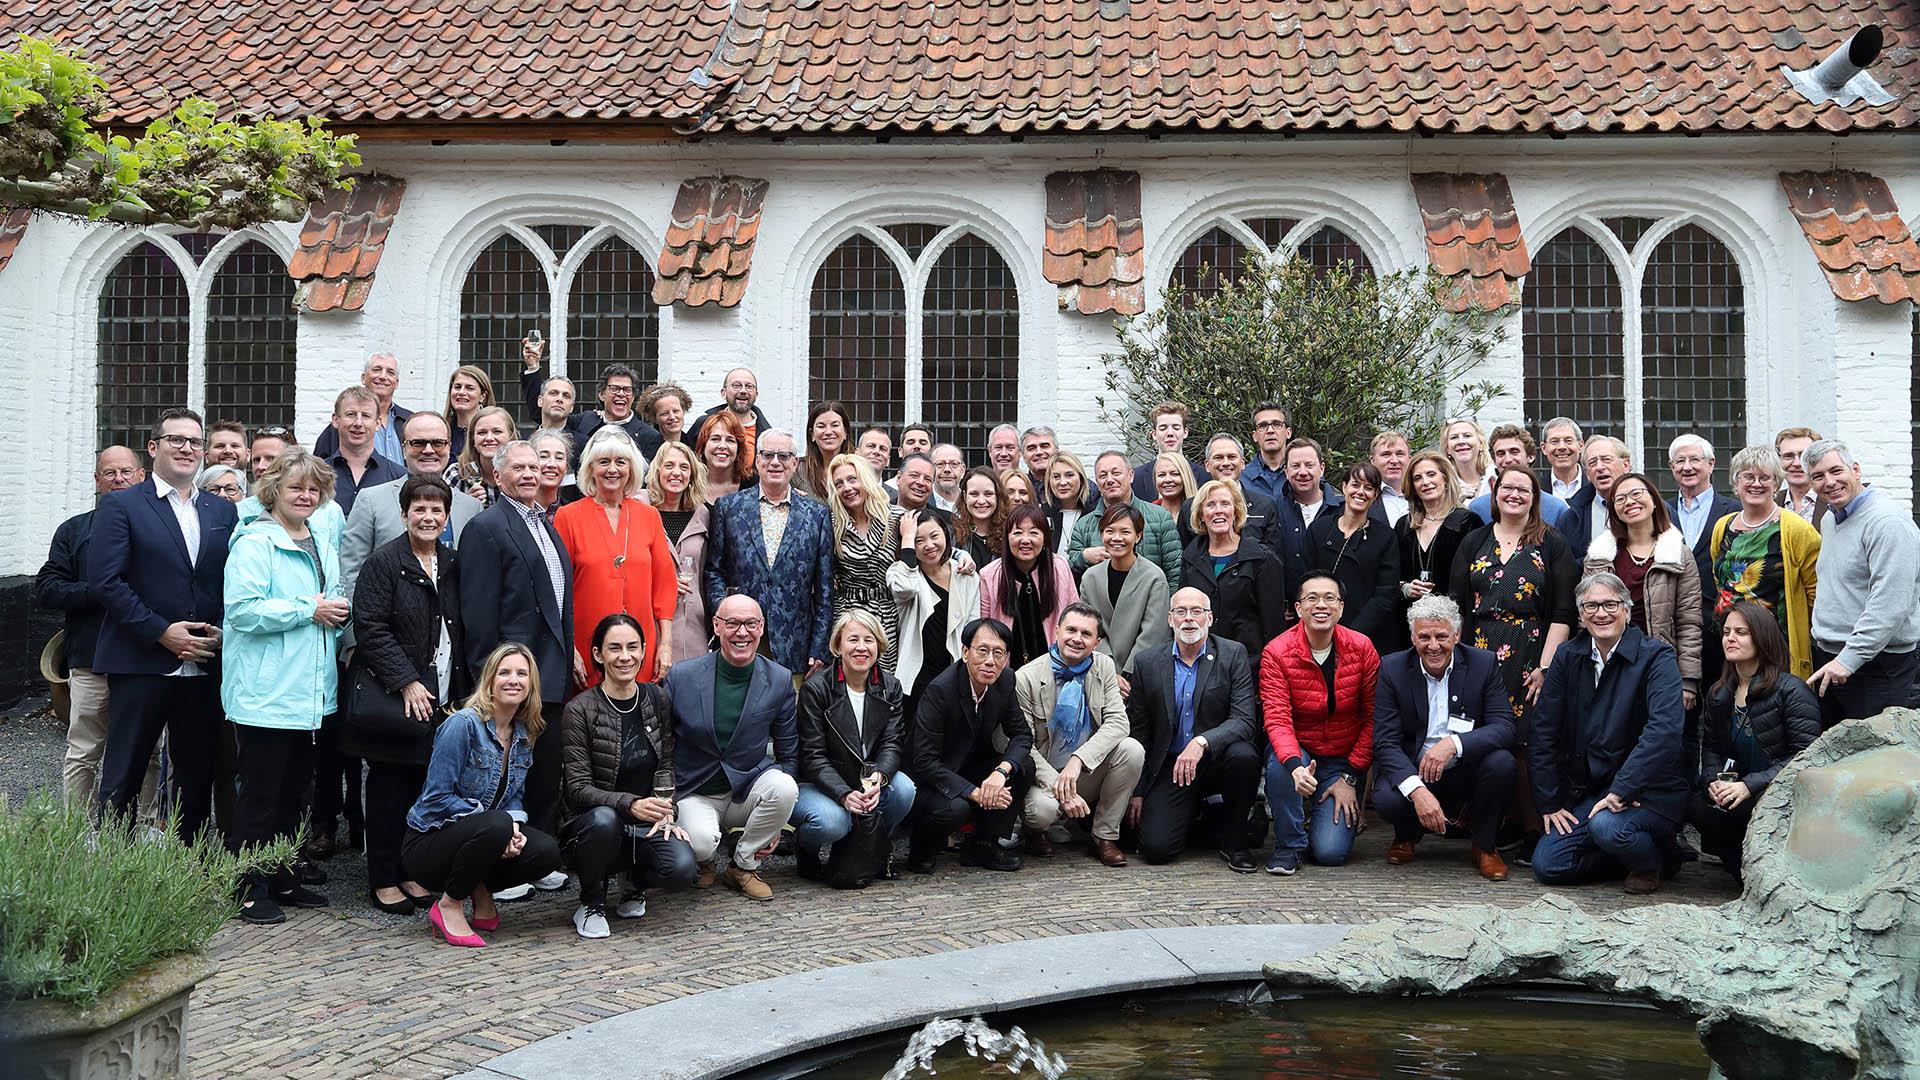 PRGN veranstaltete vom 16. bis 18. Mai 2019 sein halbjährliches Treffen in Amersfoort, Niederlande.